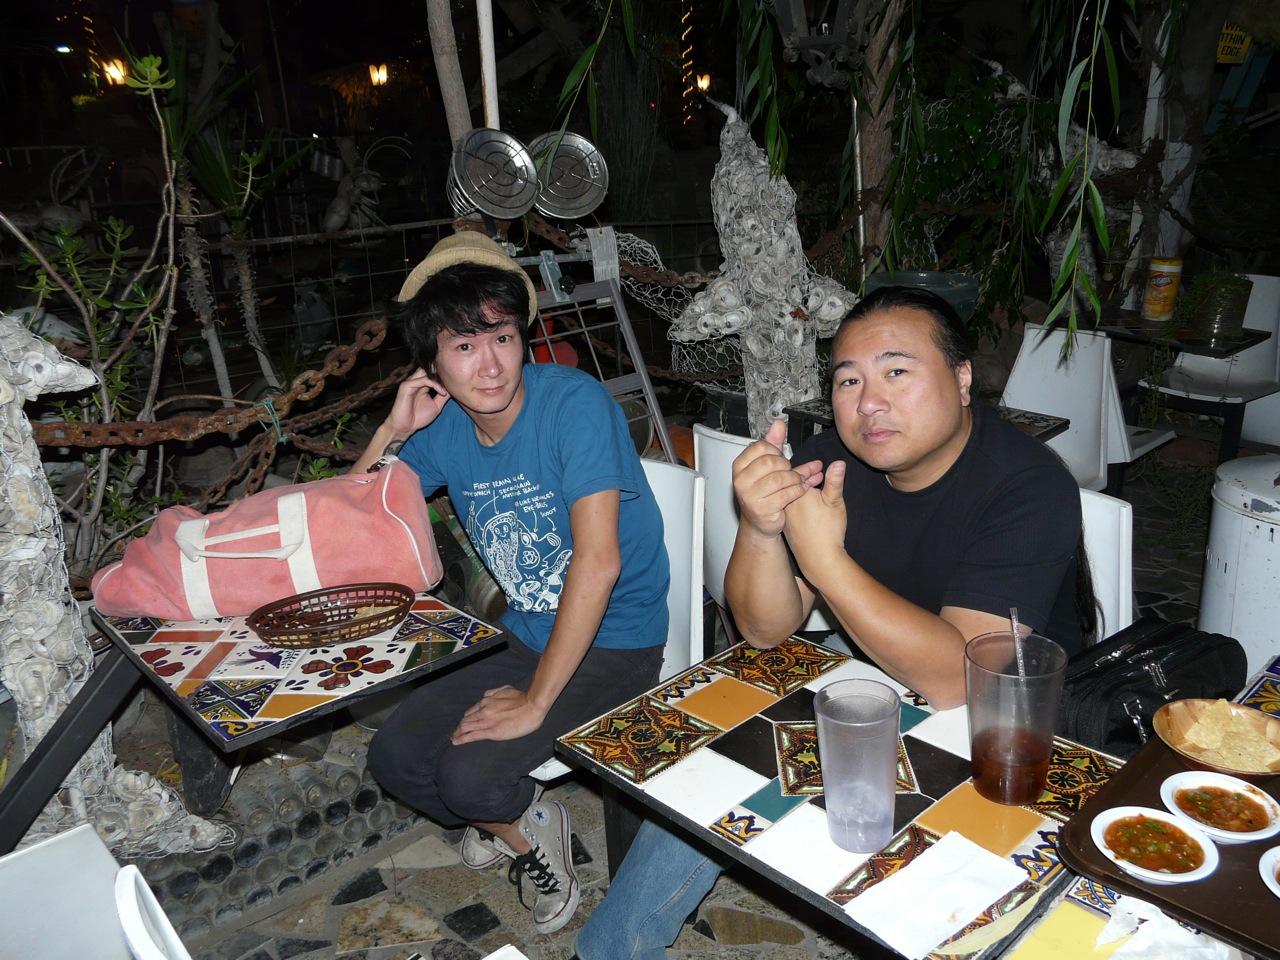 Yoskay Yamamoto & Travis Louie